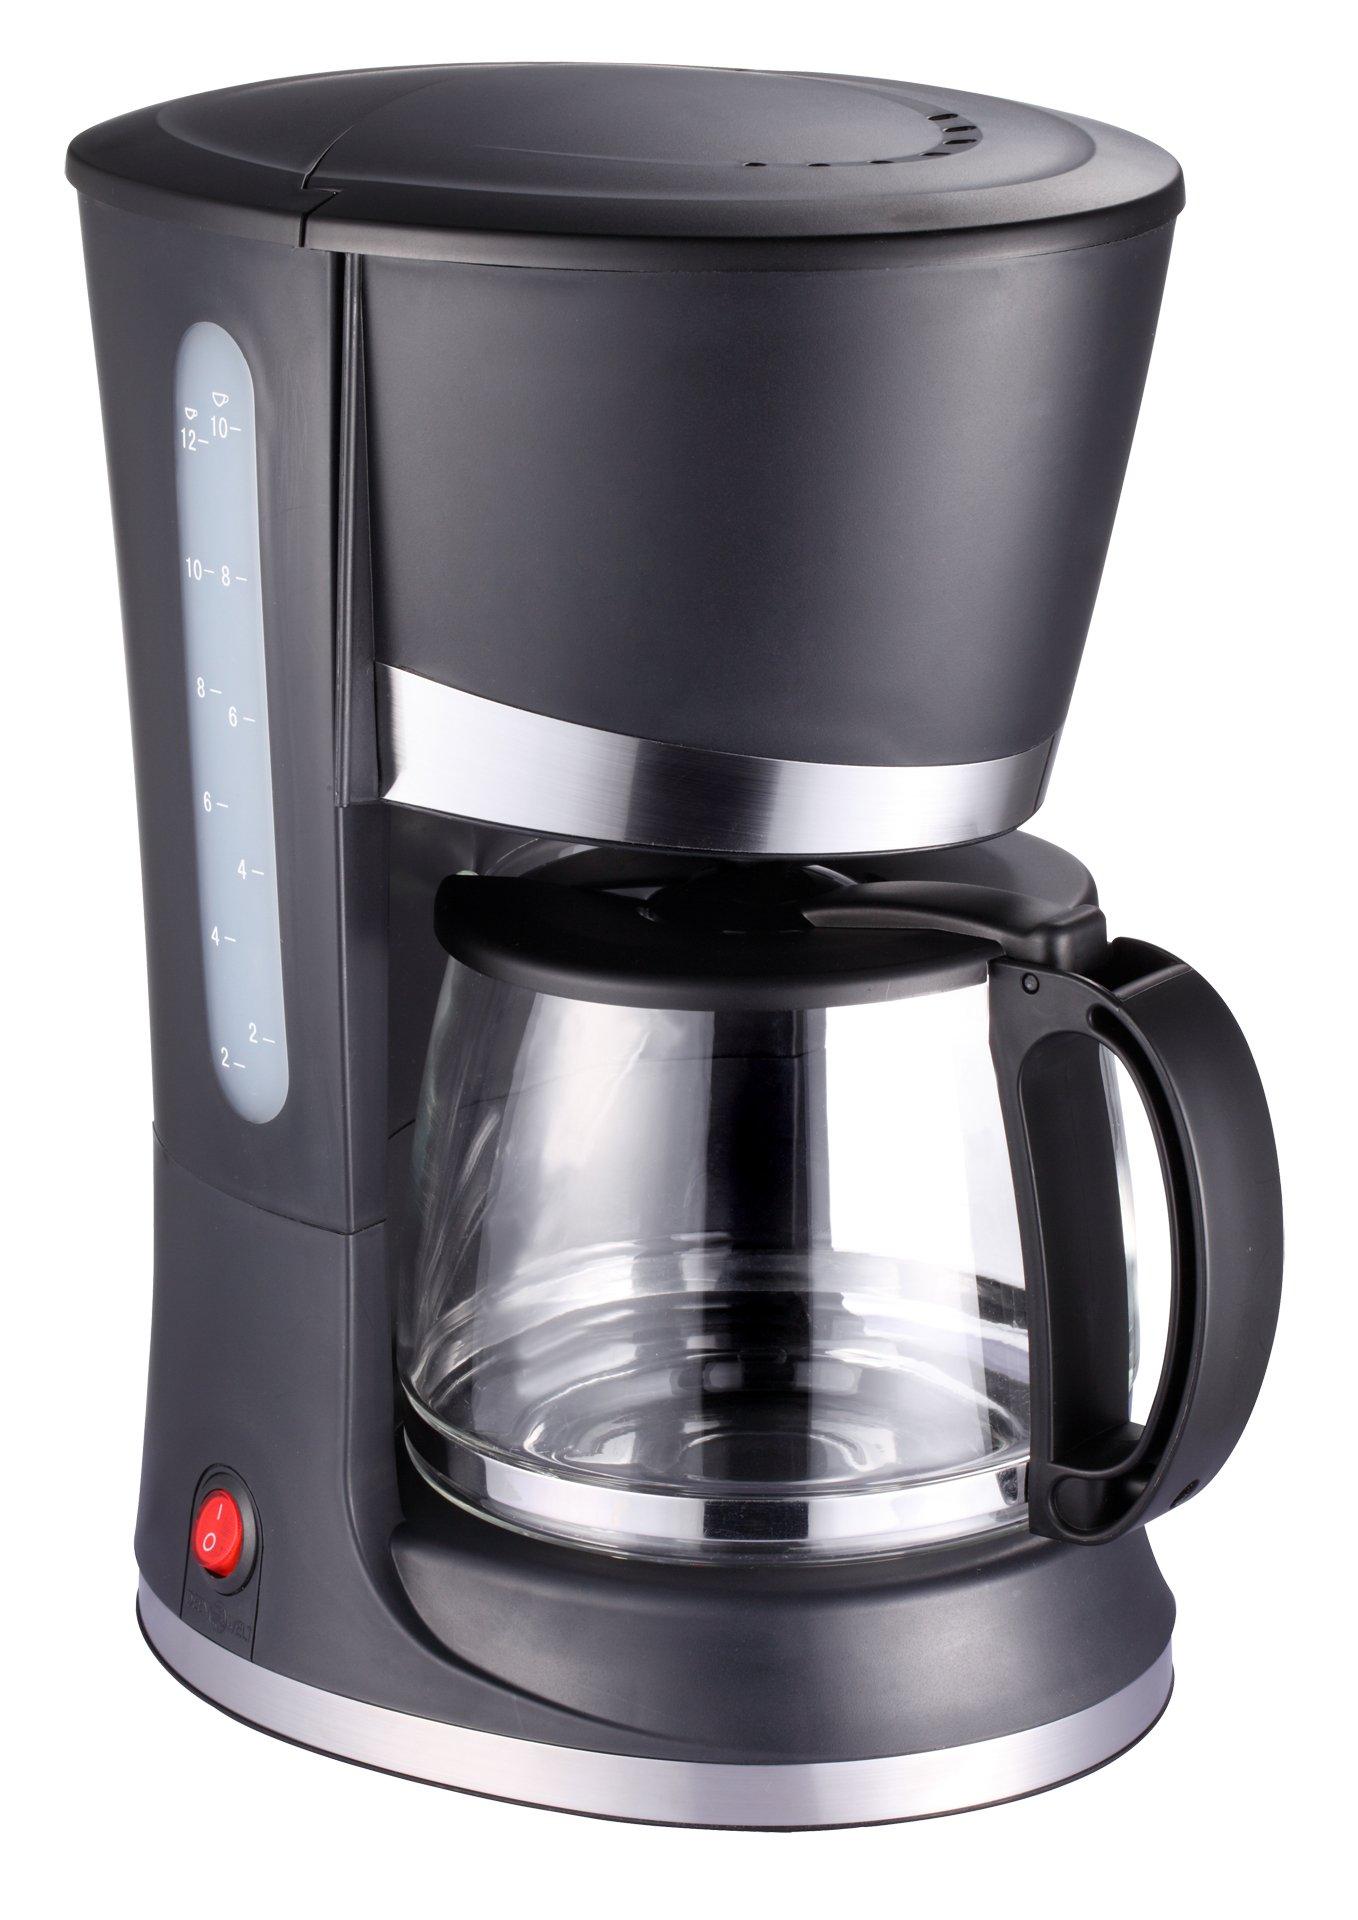 Melissa 16100076 Independiente Totalmente automática - Cafetera (Independiente, Cafetera de filtro, 1,2 L, De café molido, 800 W, Negro): Amazon.es: Hogar